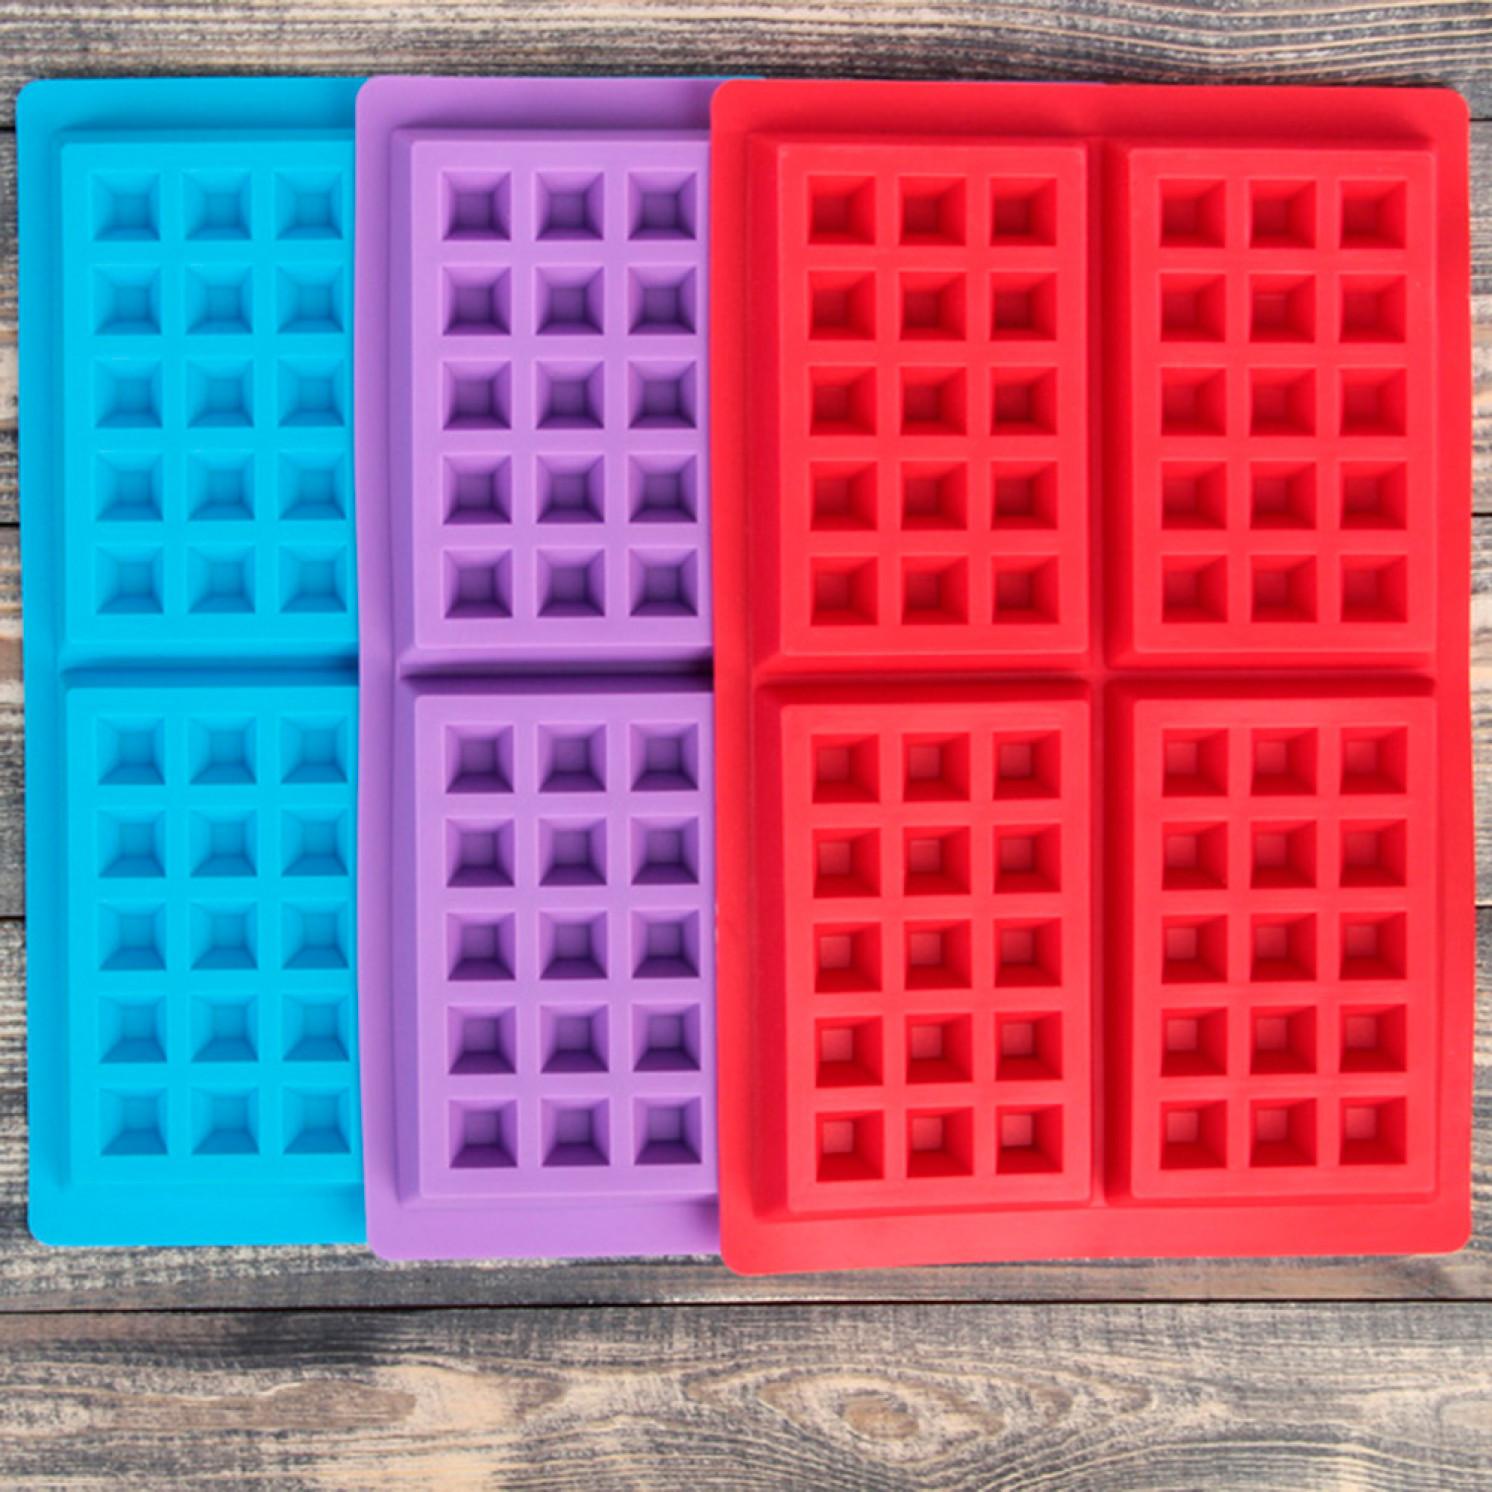 Форма для выпечки «Сладости. Венские вафли», 28,5×18,5 см, 4 ячейки (12,3×8,1 см), цвет МИКС